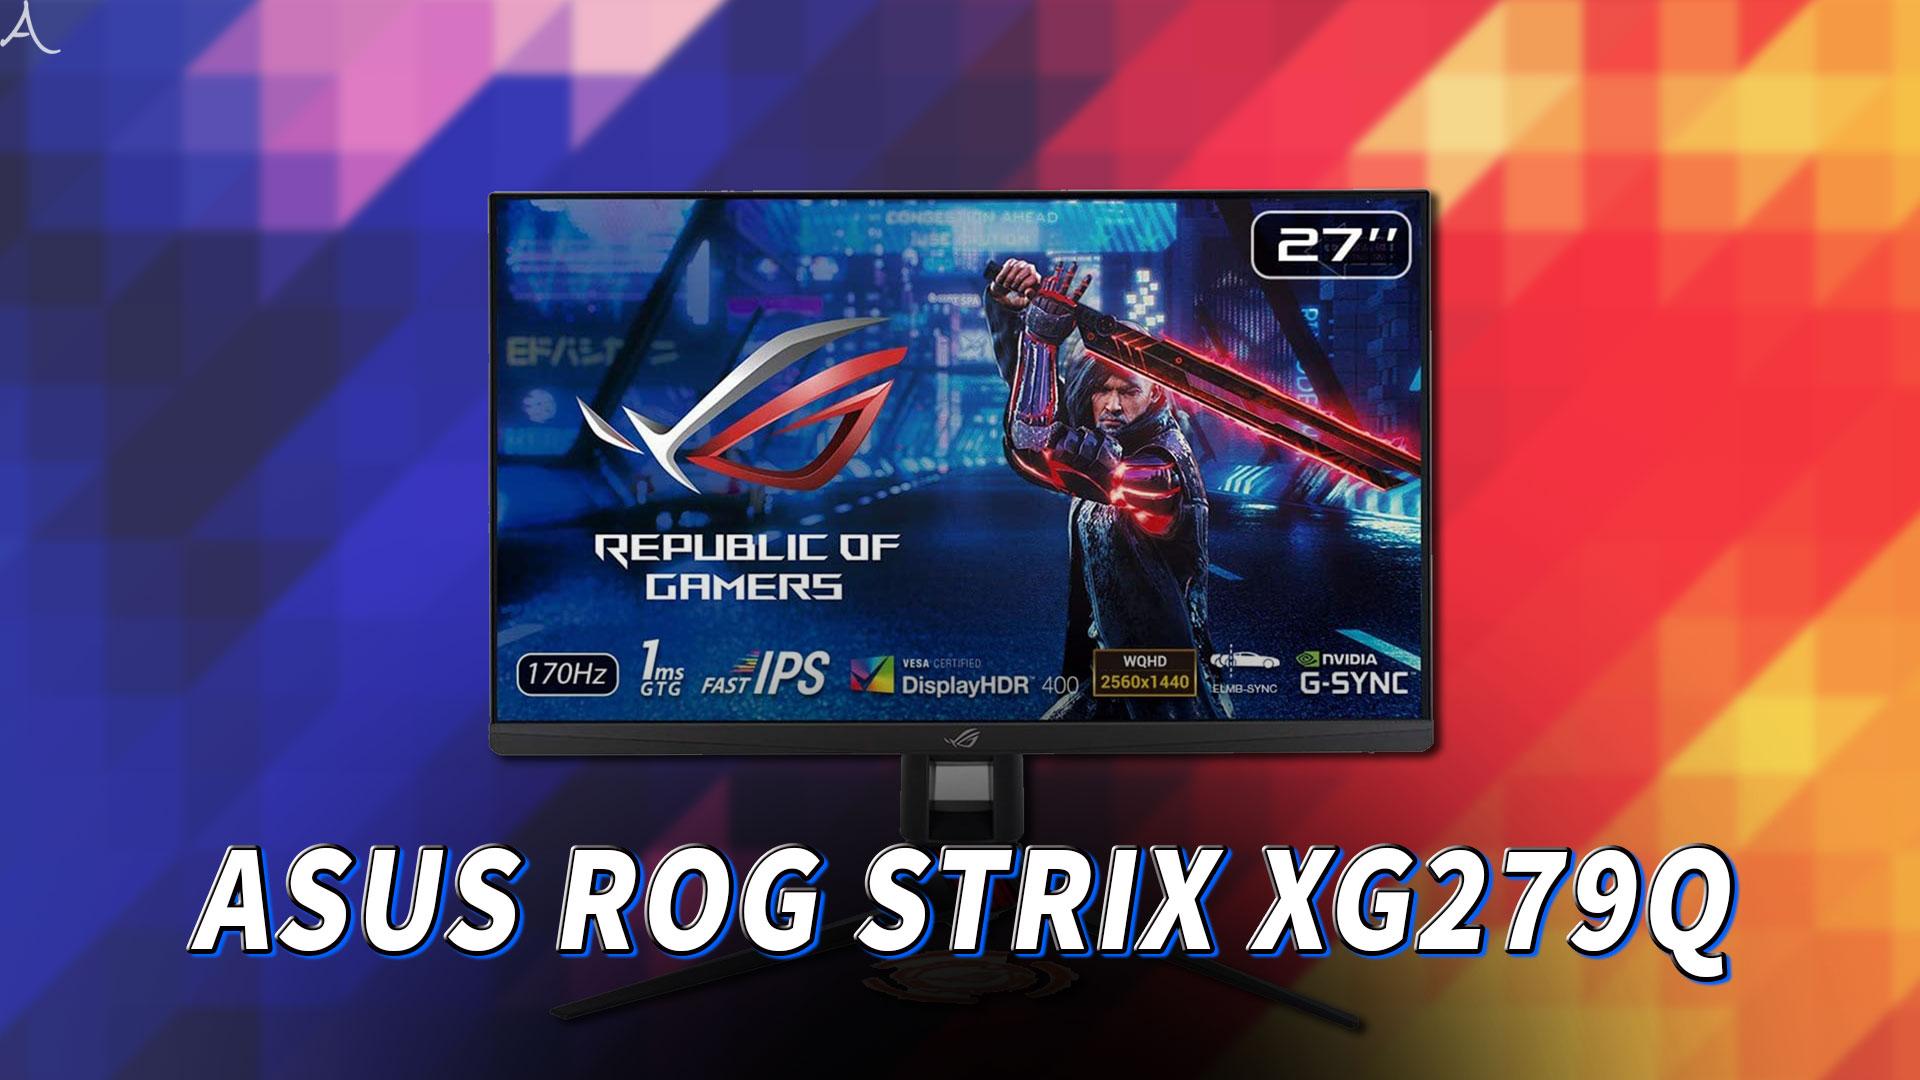 「ASUS ROG STRIX XG279Q」ってモニターアーム使える?VESAサイズやおすすめアームはどれ?